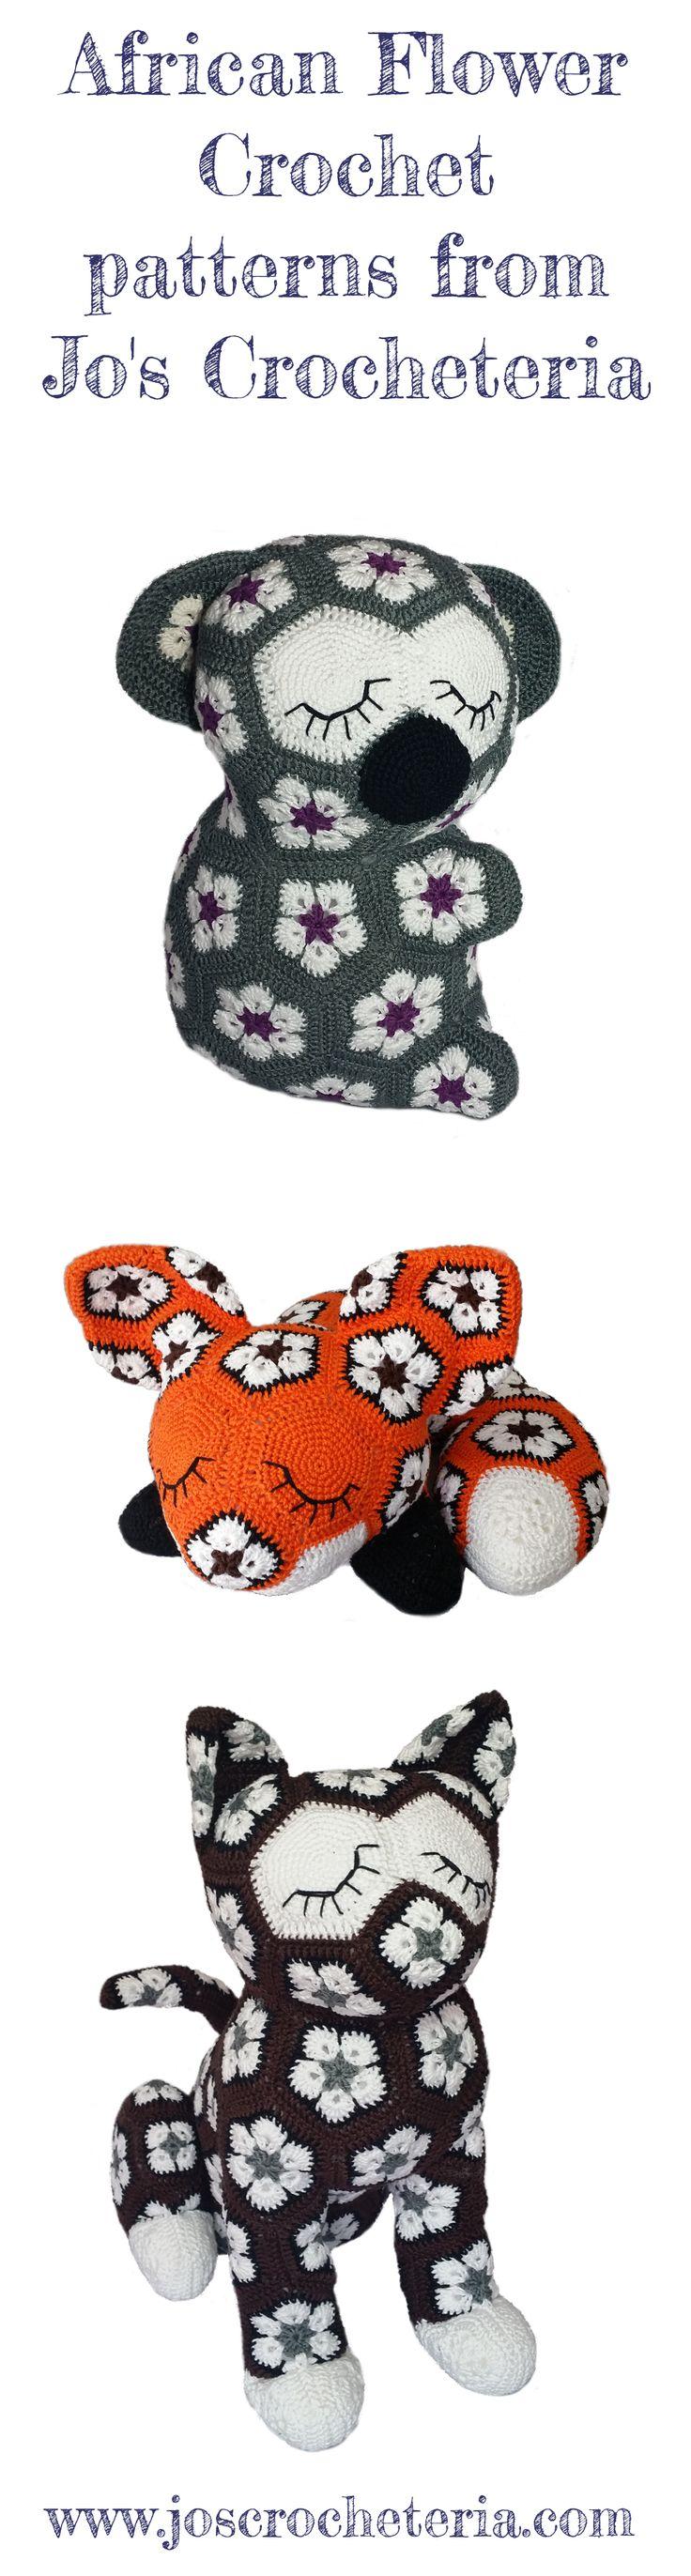 African Flower Crochet patterns from Jo's Crocheteria www.joscrocheteria.com…